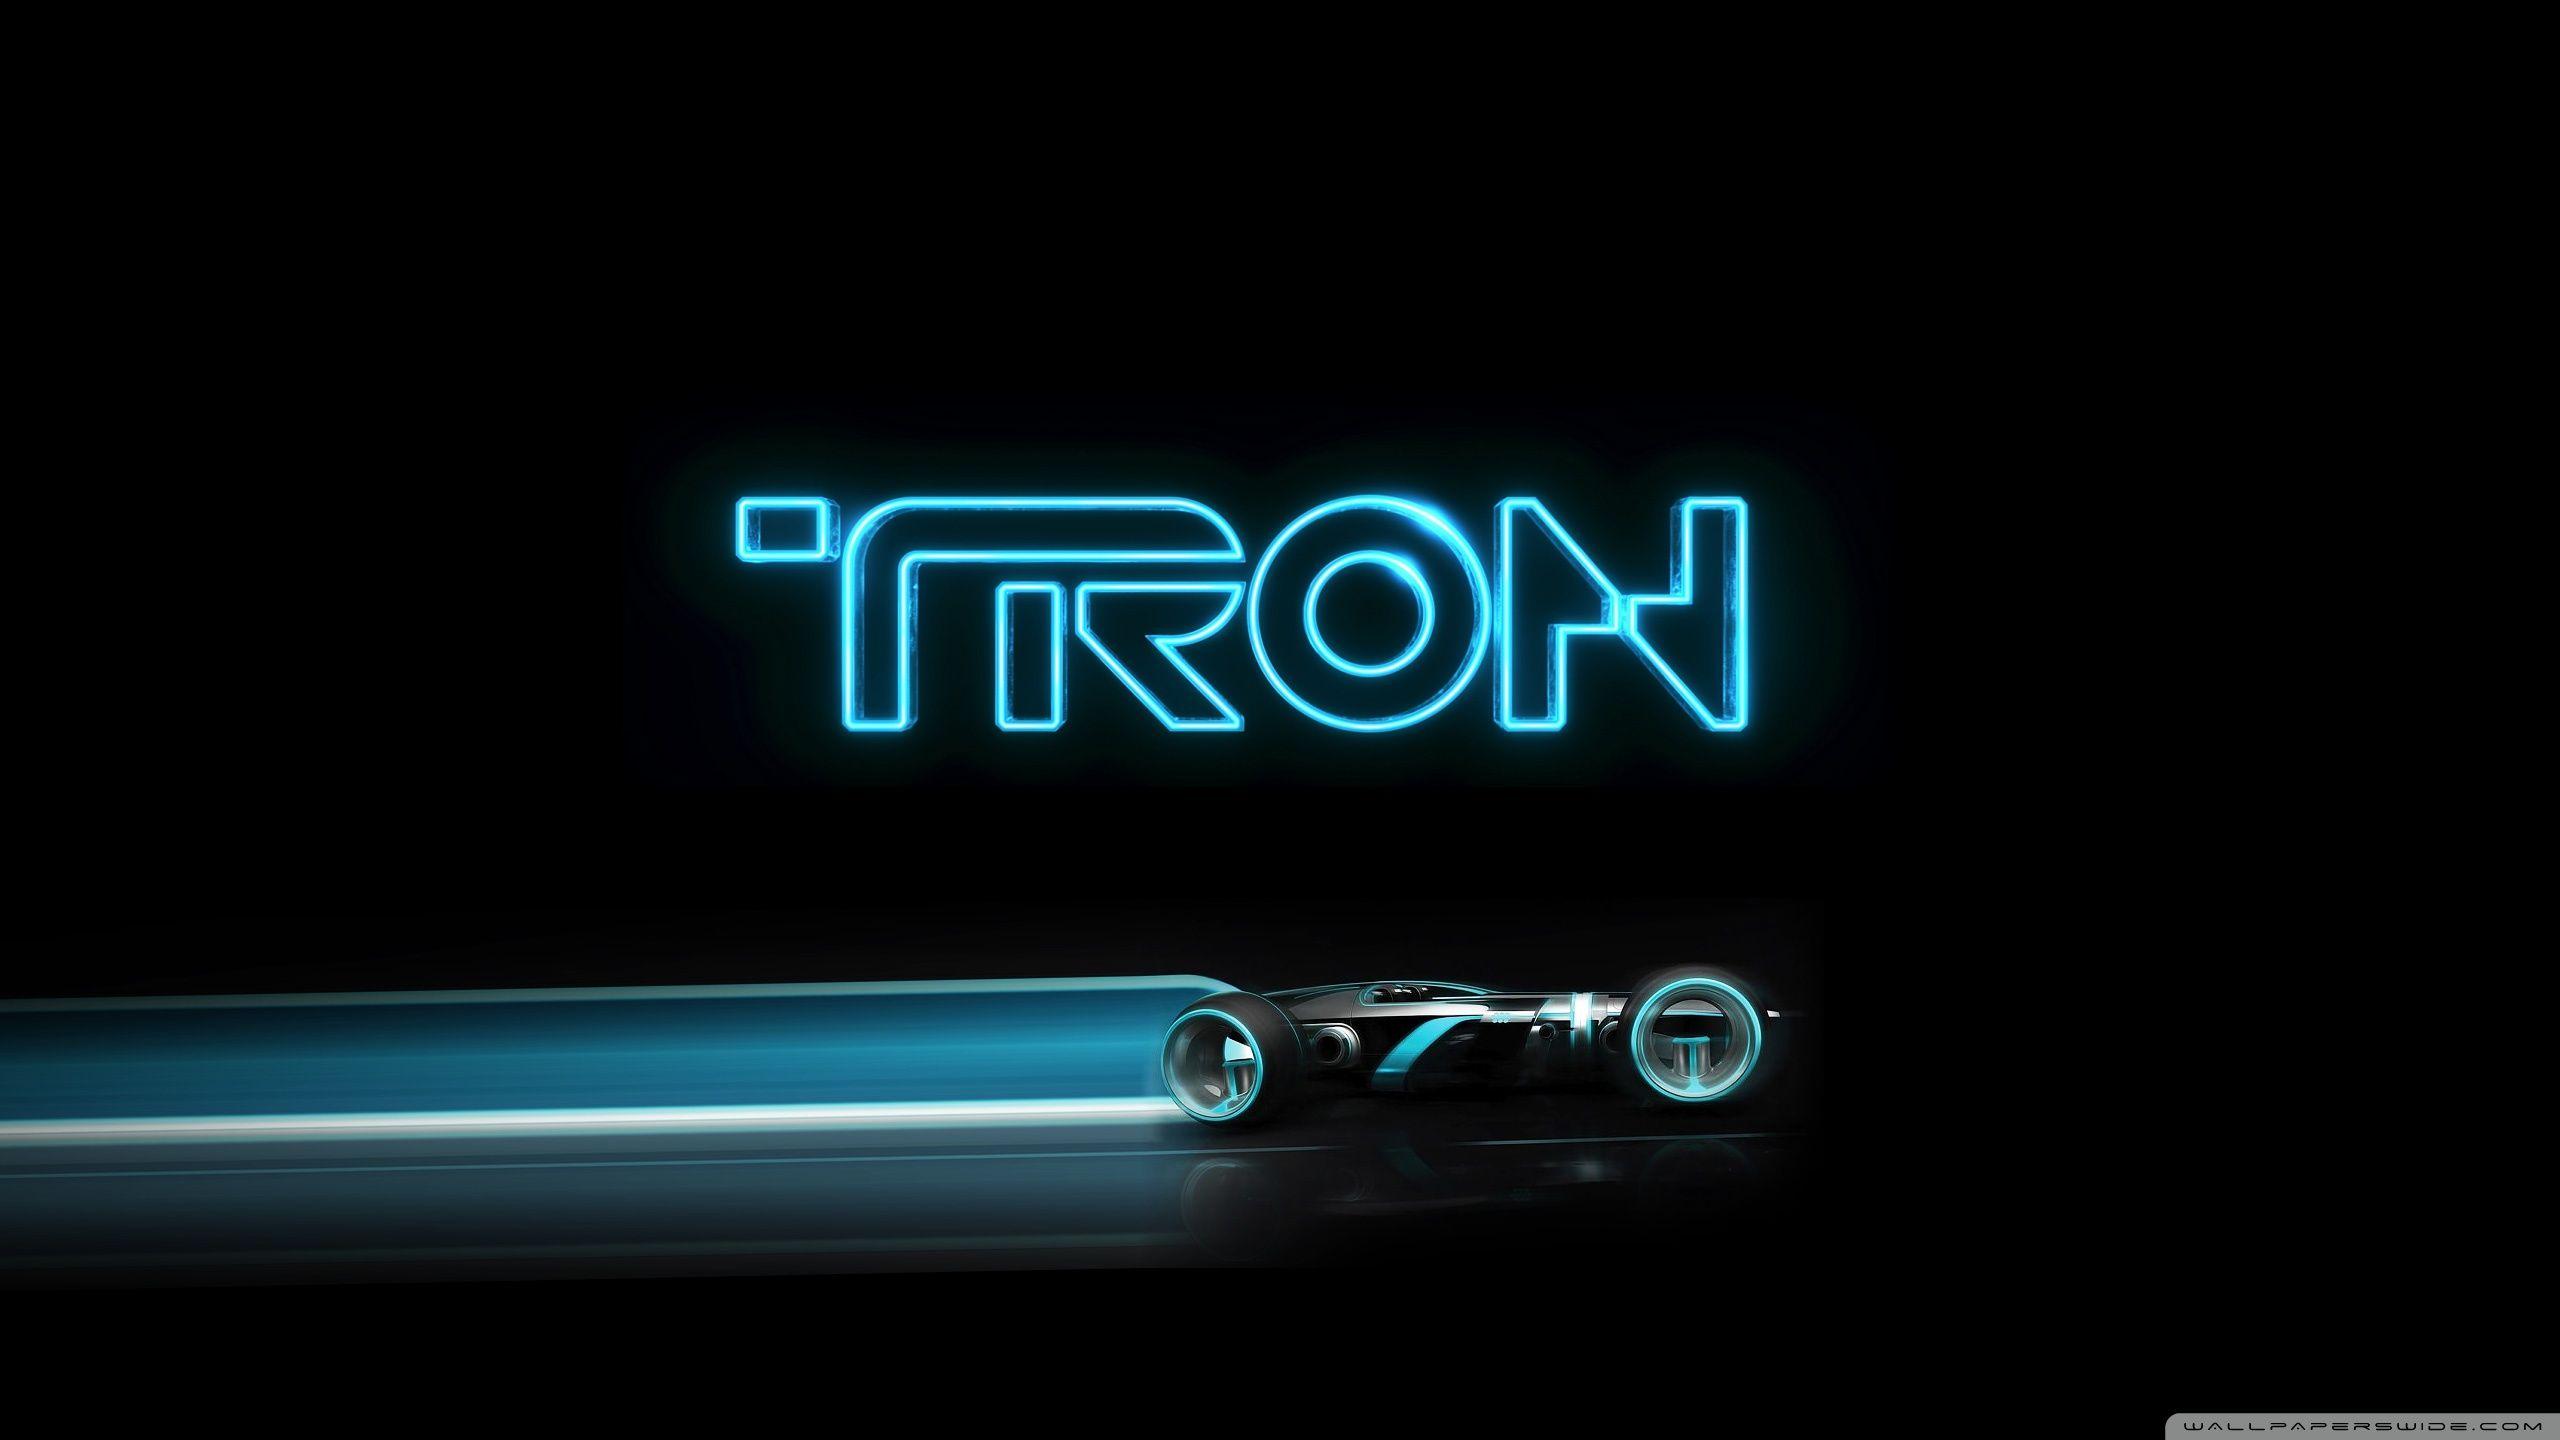 Everyone Who Knows Me Knows My Favorite Movie 3 Tron Legacy Tron Desktop Wallpaper